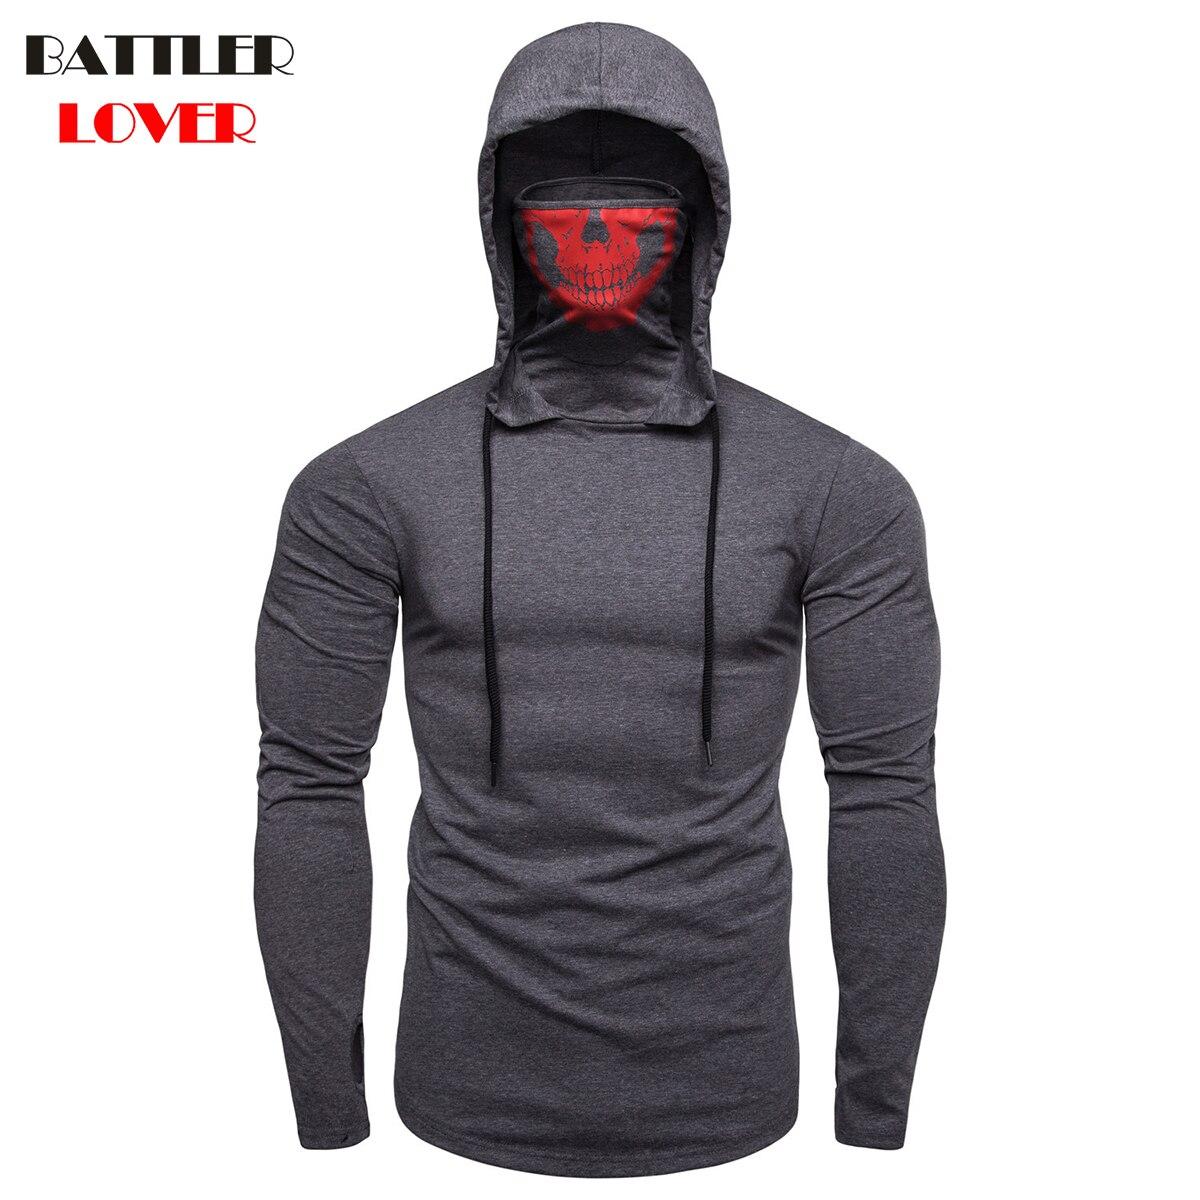 2018 Skull Pullovers Hoodies Men Autumn Hooded Hoodies Mens Sweatshirts Hip Hops Males Casual Brand Hombre Slim Hoody Sweatshirt